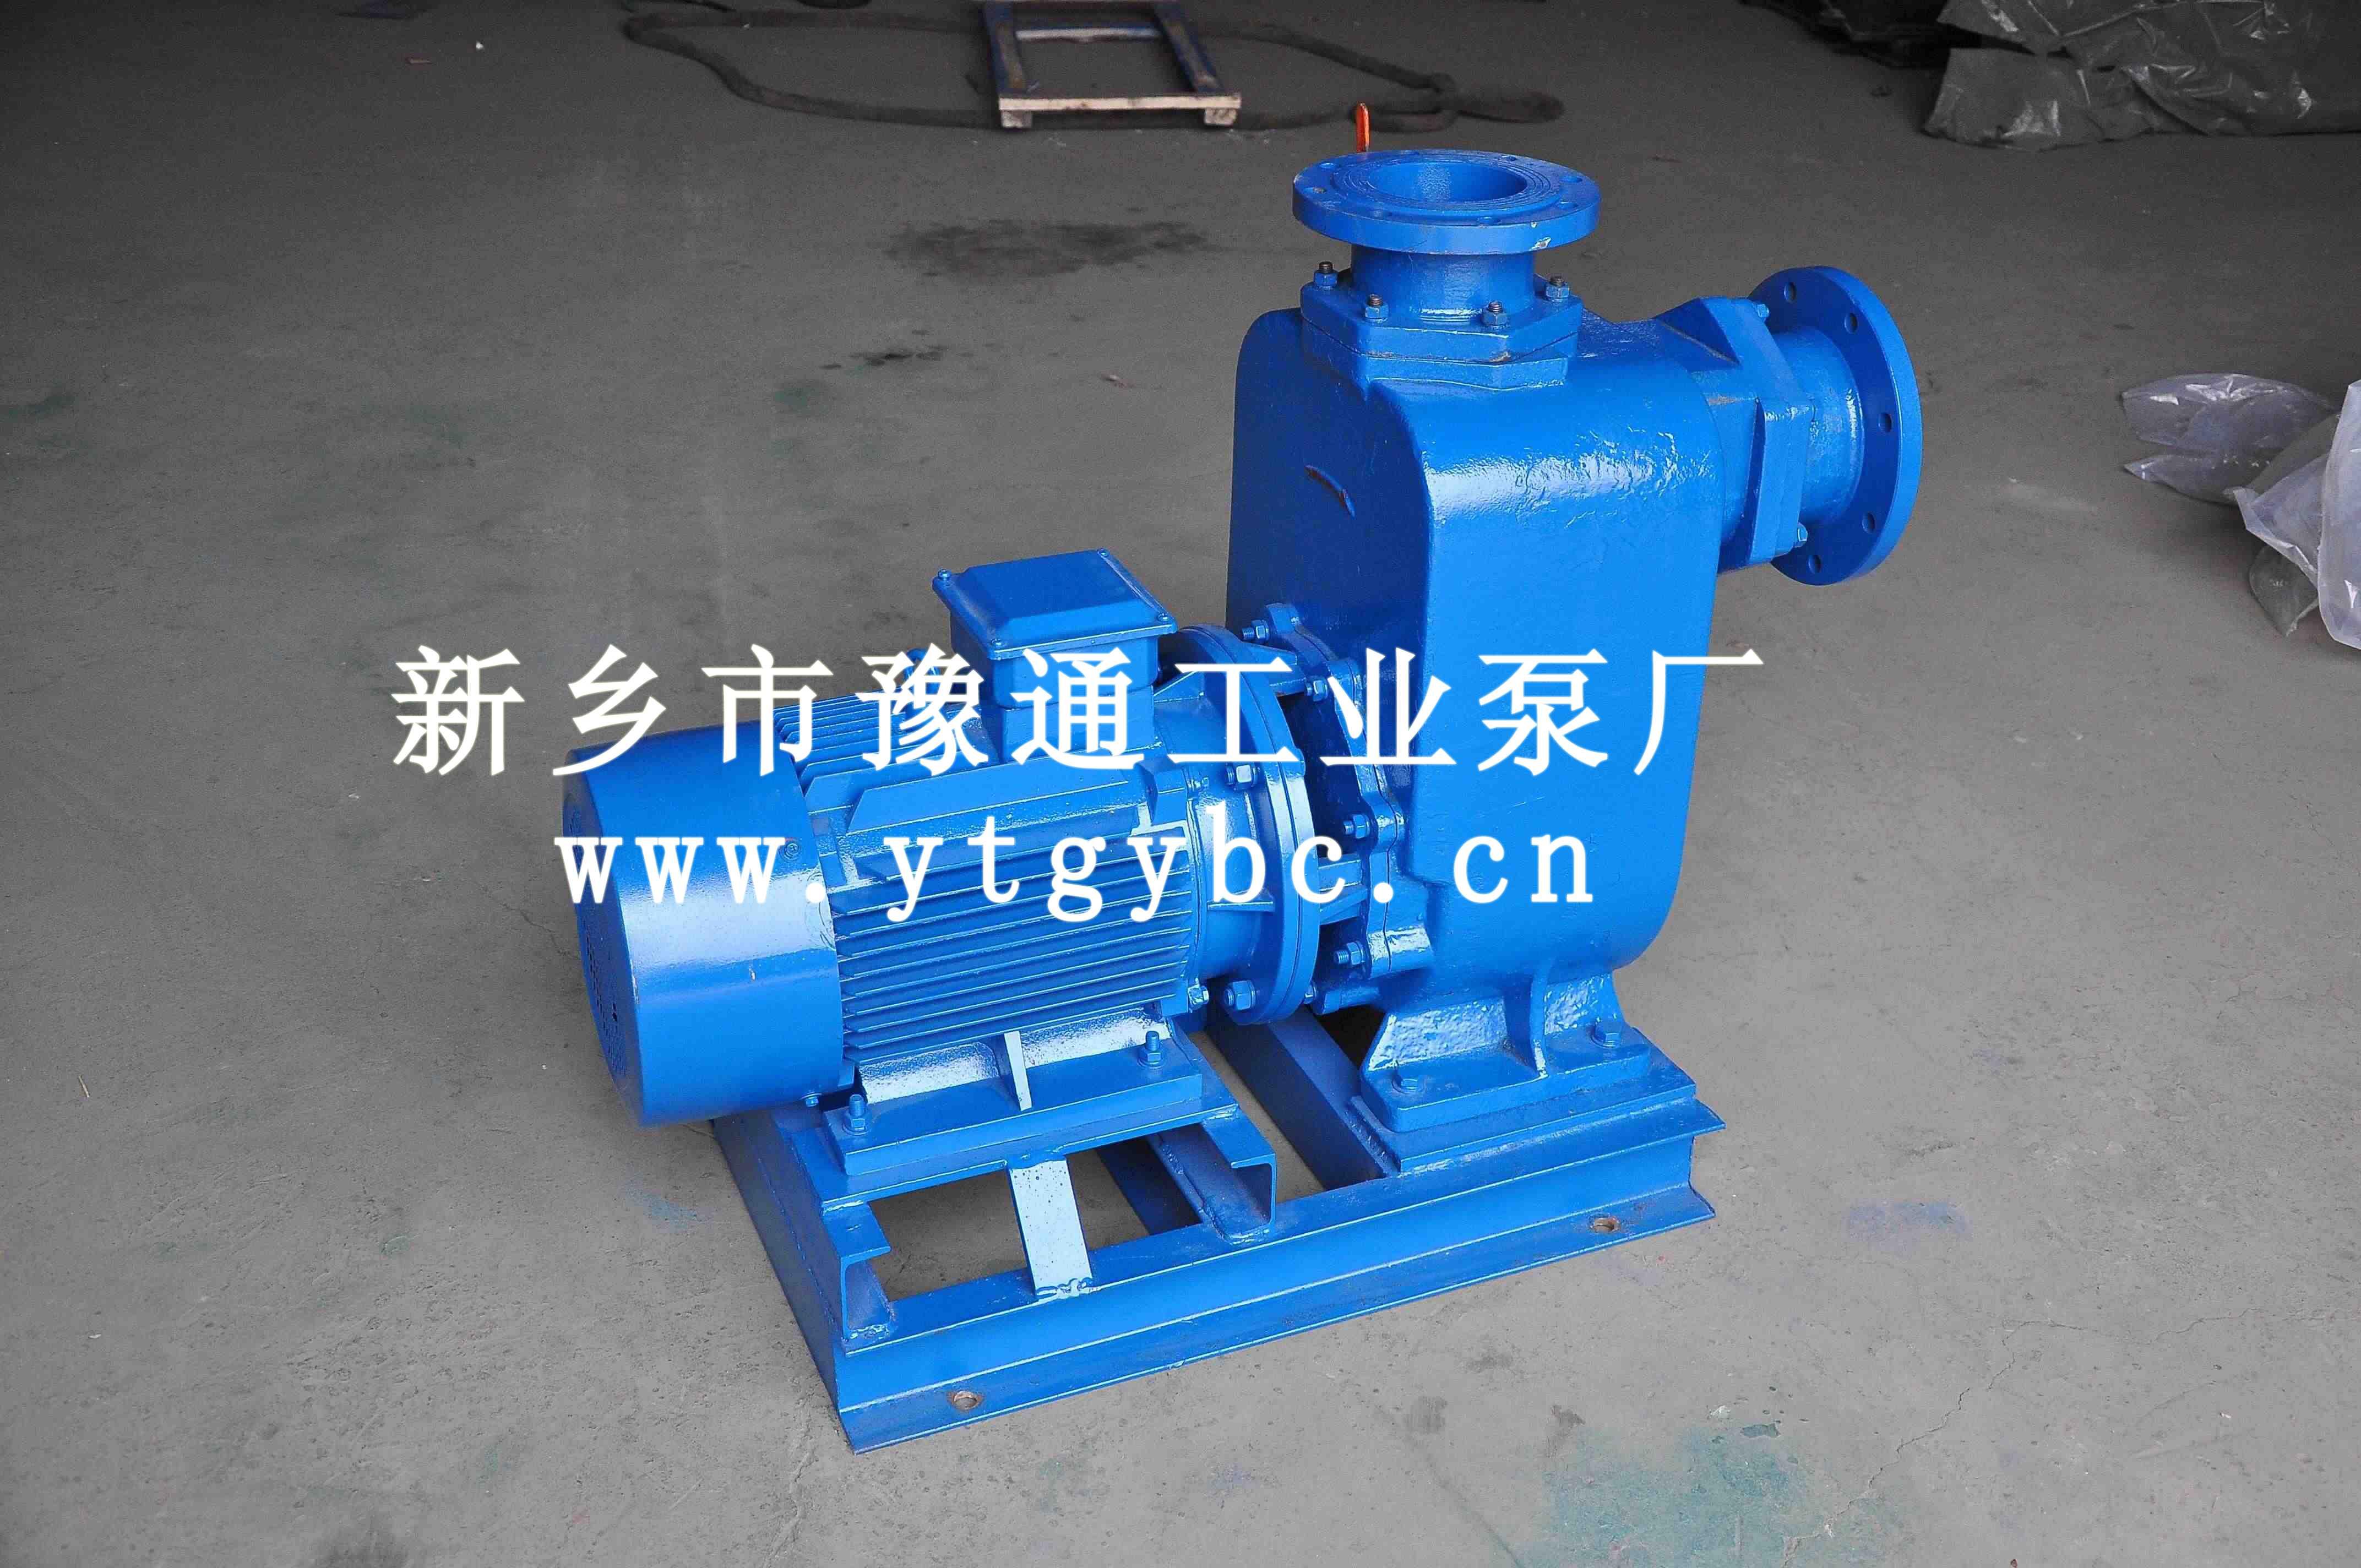 杂质泵ZW自吸式排污泵 【实力厂家】生产供应ZW自吸式无堵塞排污泵